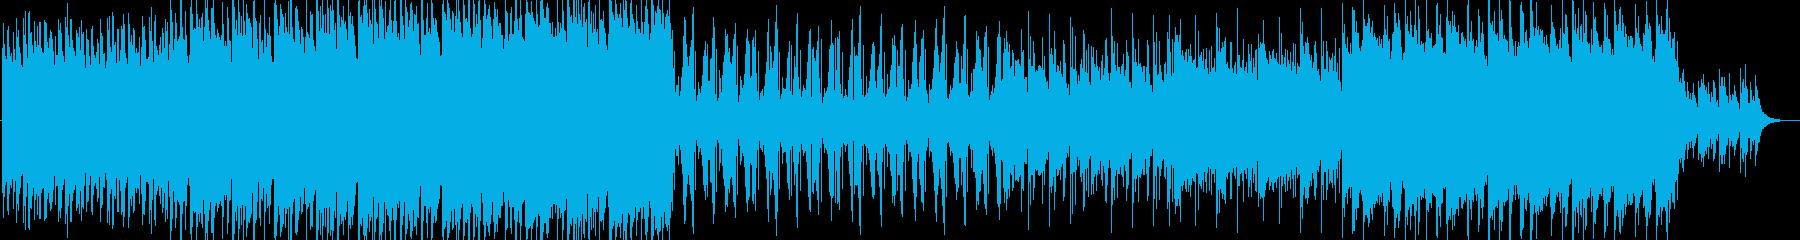 エレクトロニカ/アンビエント/ピアノ/の再生済みの波形